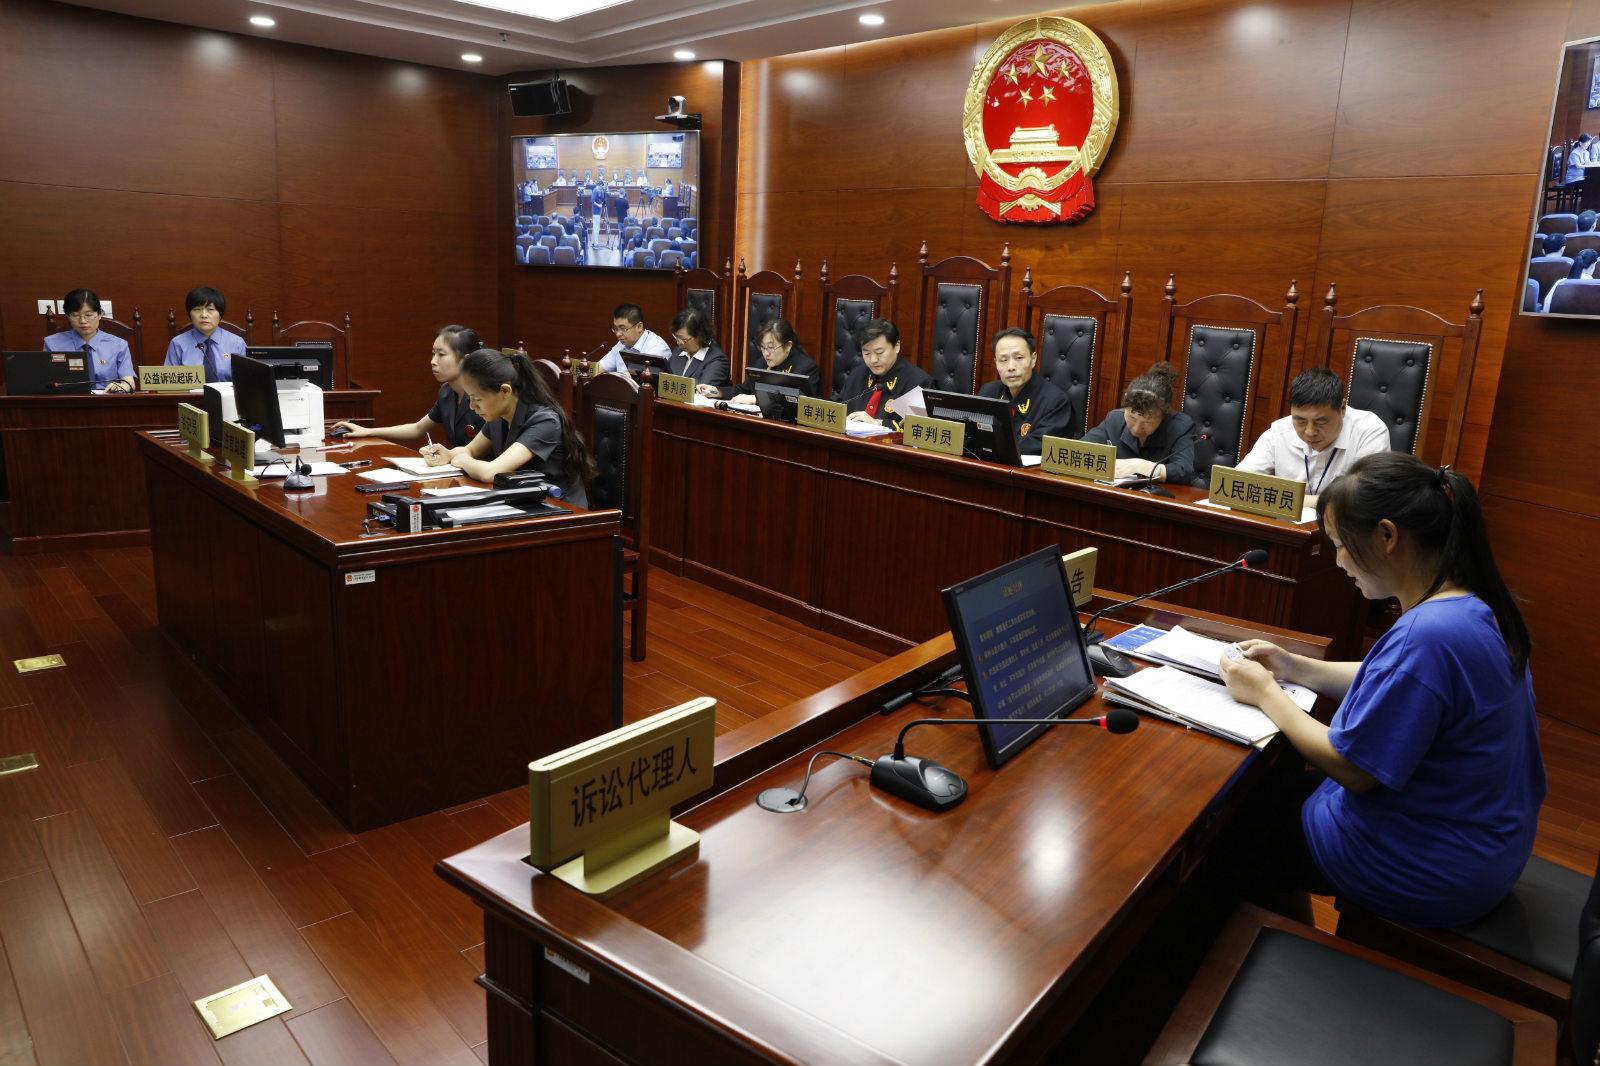 图说:5月16日,北京首例检方提起的打假公益诉讼在北京市四中院开庭审理。_meitu_3